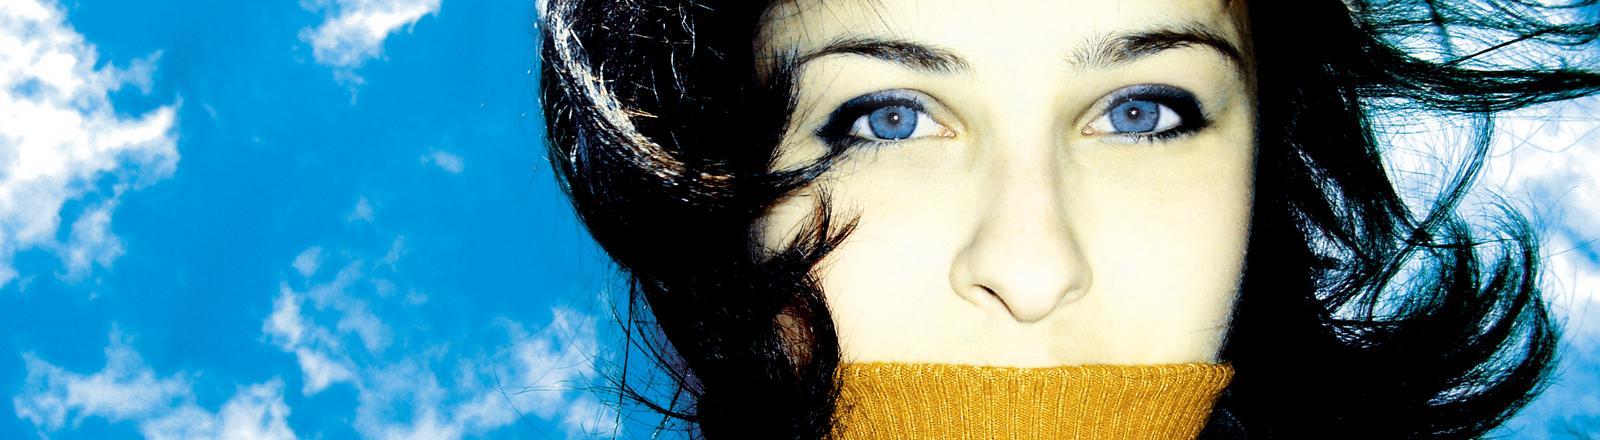 Eine Frau guckt von oben in die Kamera, über ihrem Mund ist ein Pullover, hinter ihr ist ein leicht bewölkter blauer Himmel zu sehen.